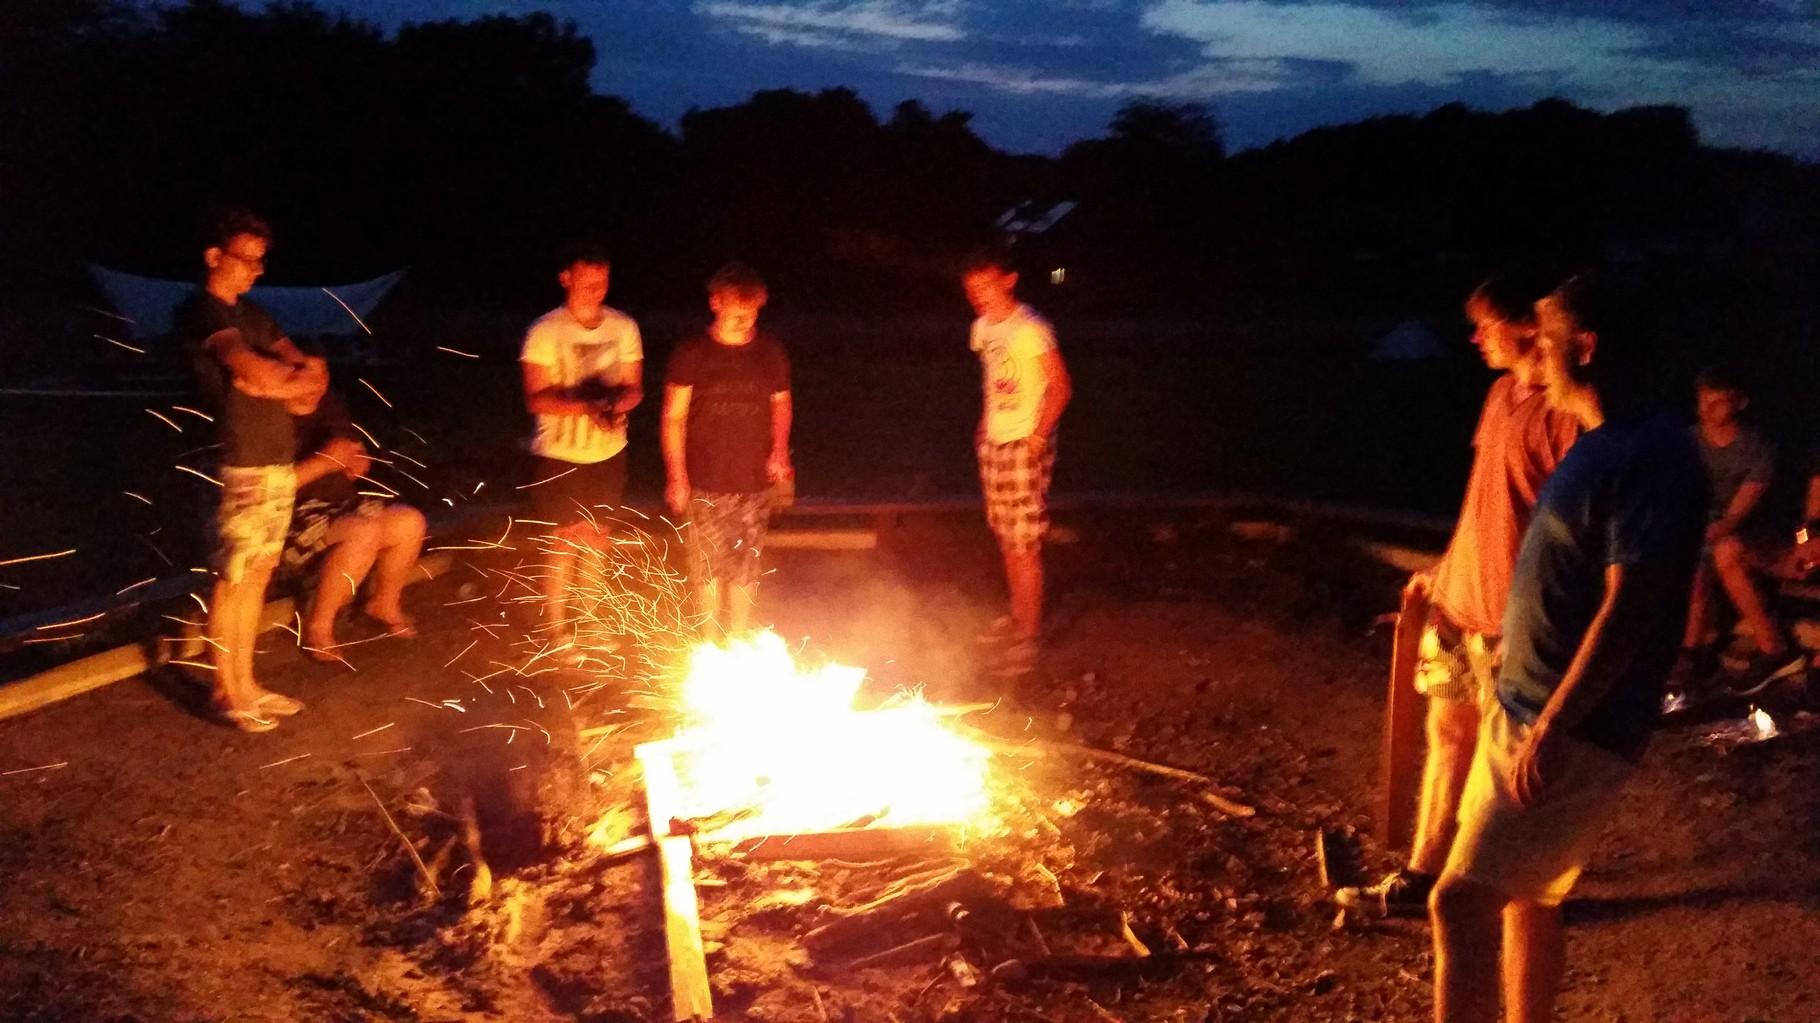 Das Feuer zu entfachen war echt toll und vor allem jede*r hat mitgeholfen.